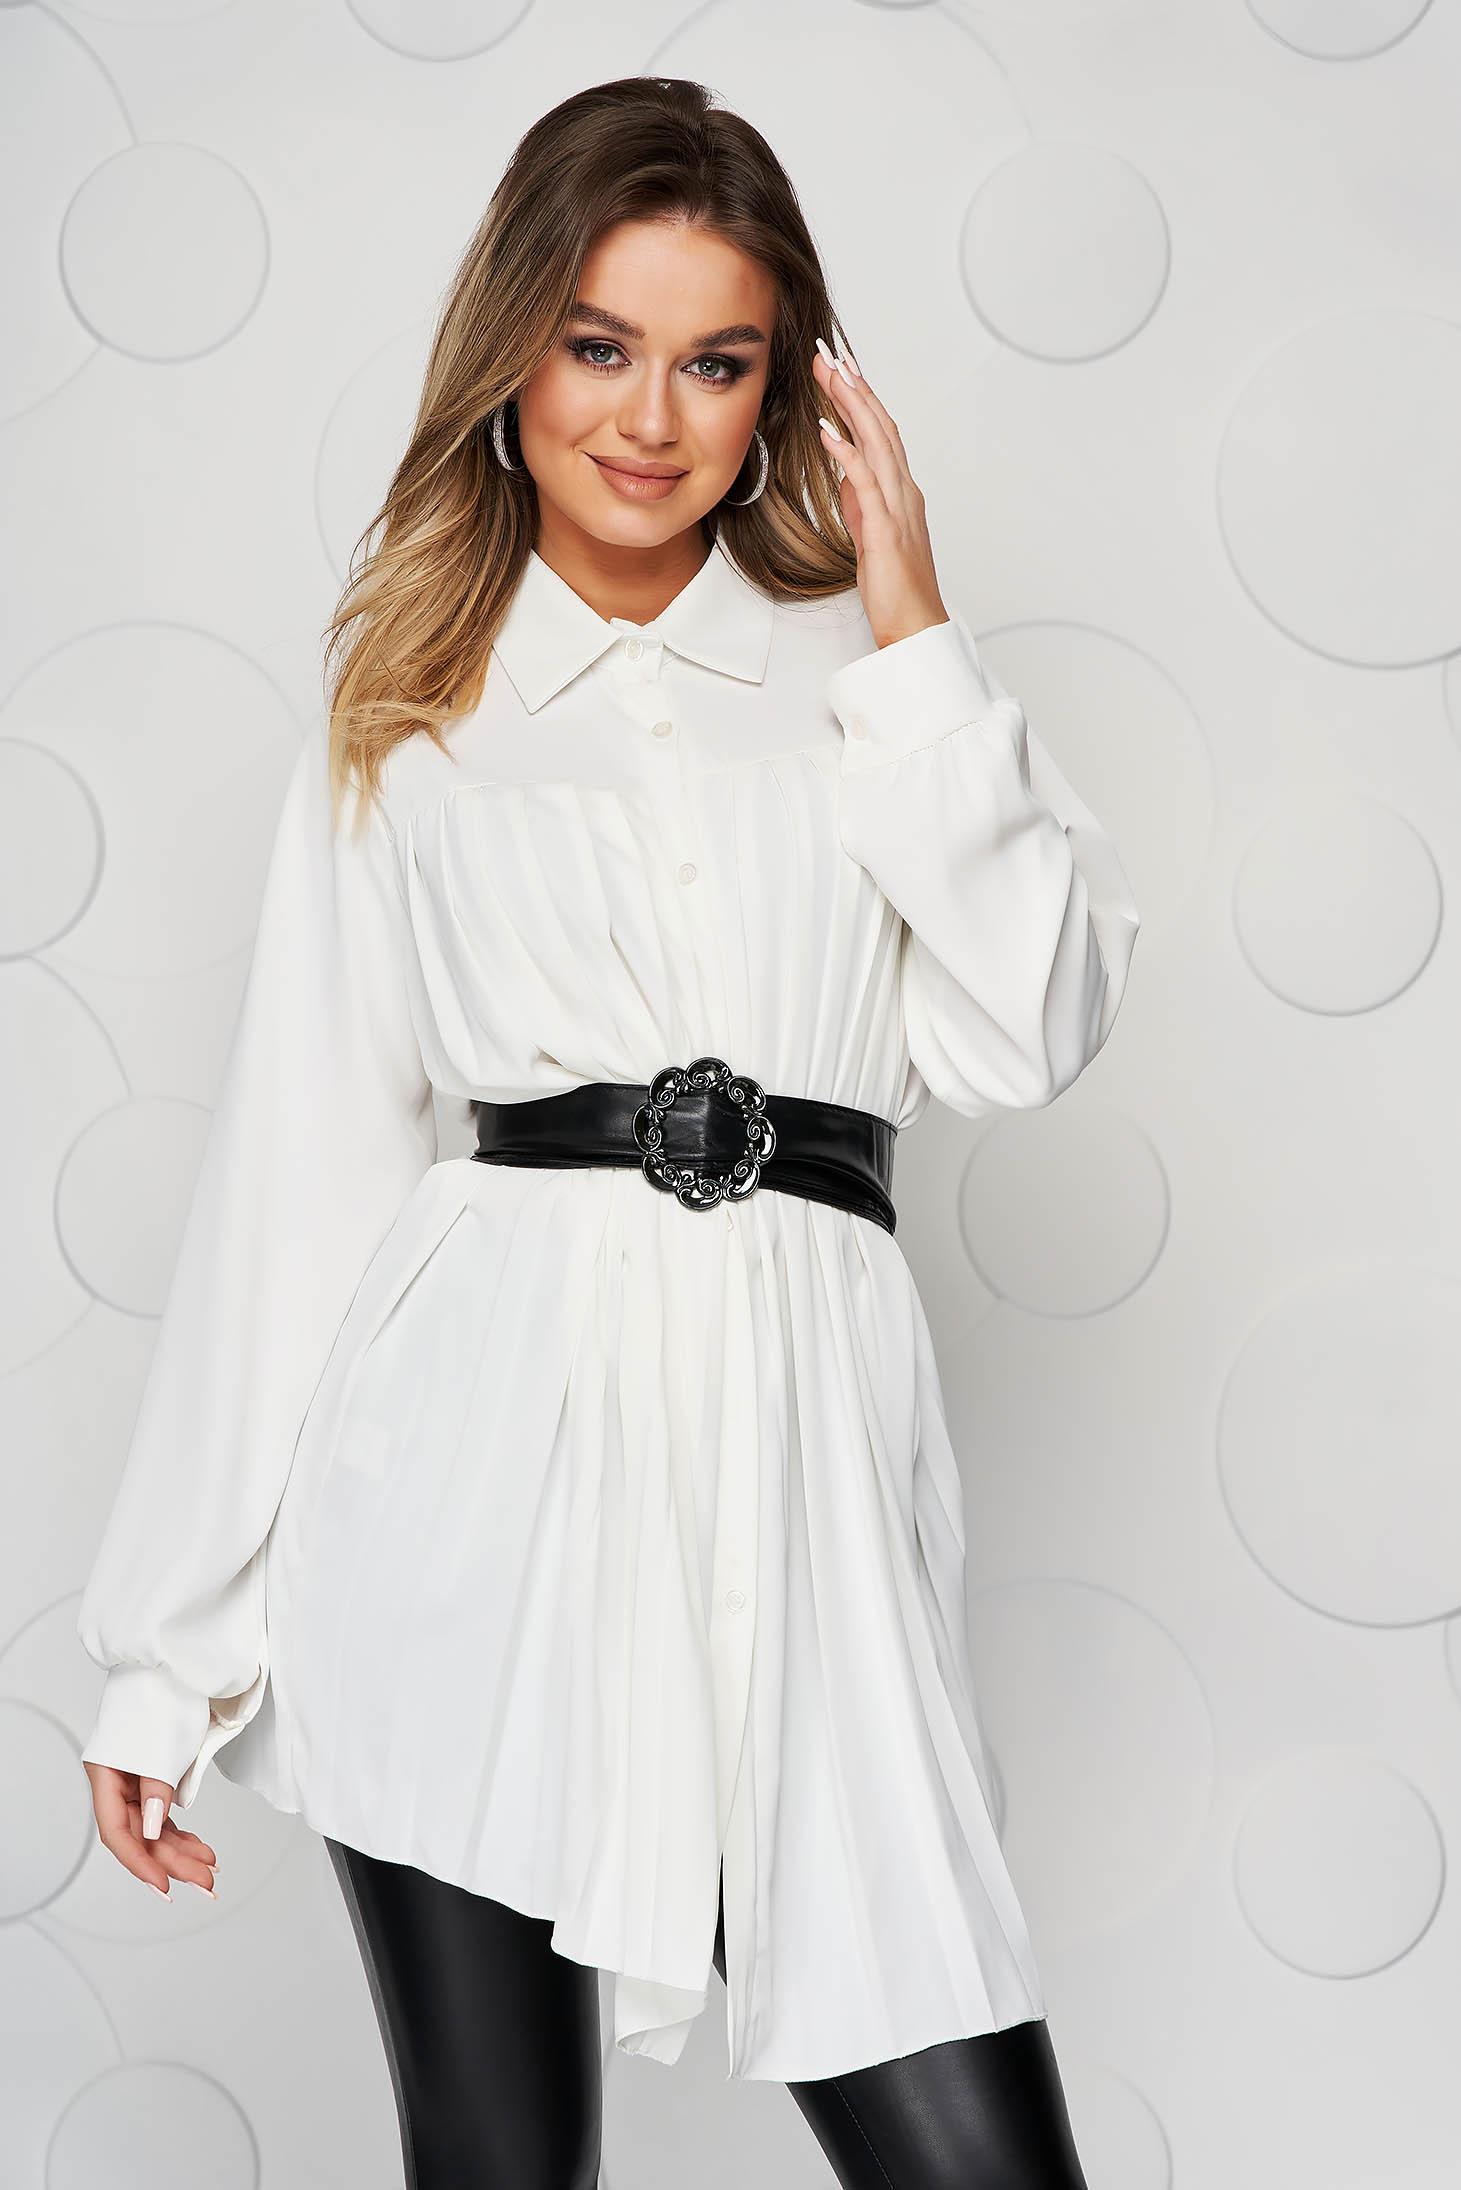 Camasa dama SunShine alba din material vaporos si transparent plisata cu o curea din imitatie de piele